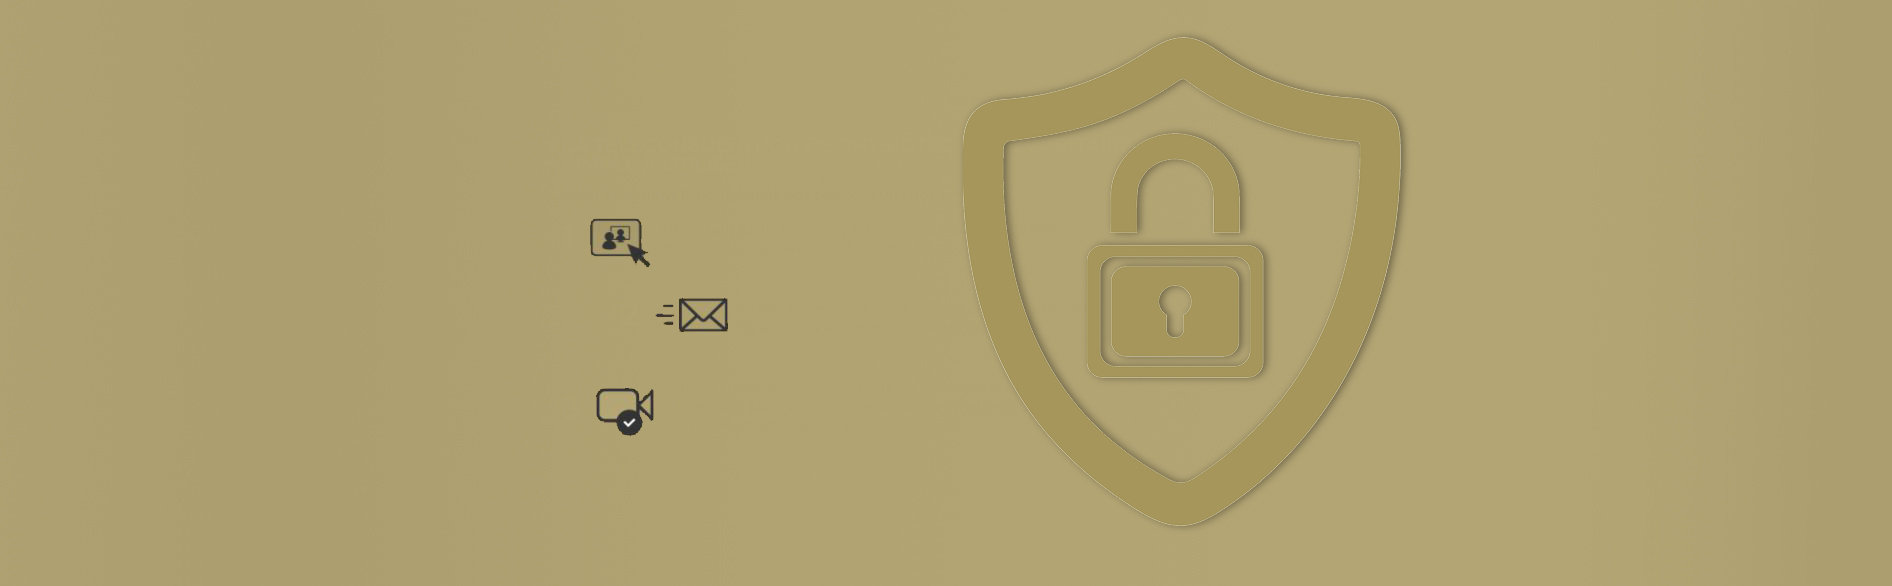 Sécurité.JPG